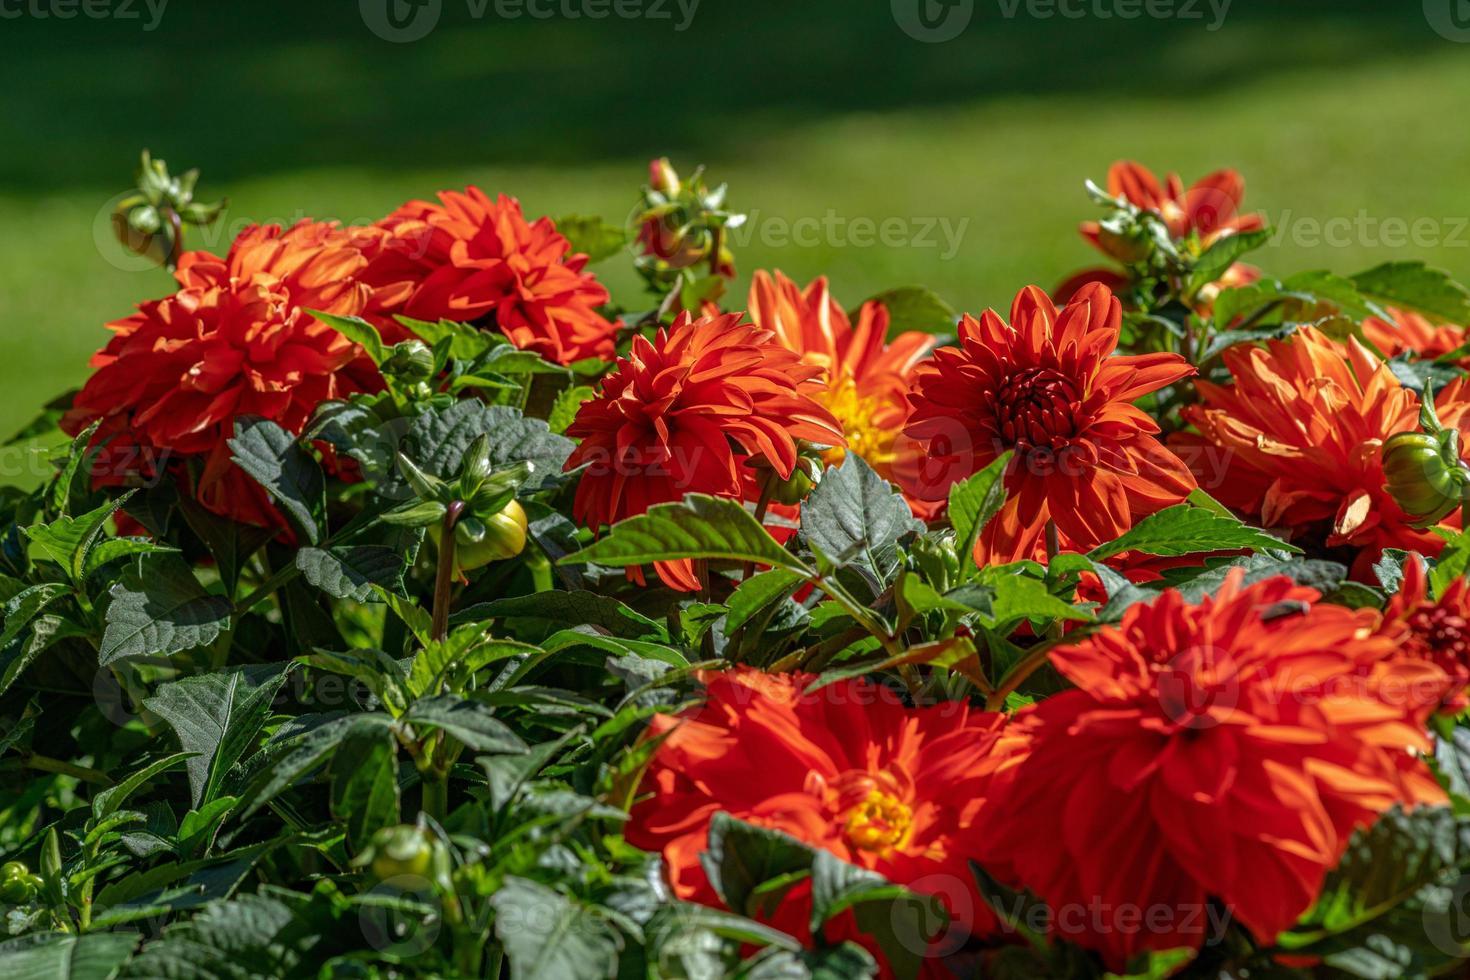 kluster av färska röda dahliablommor i solljus foto